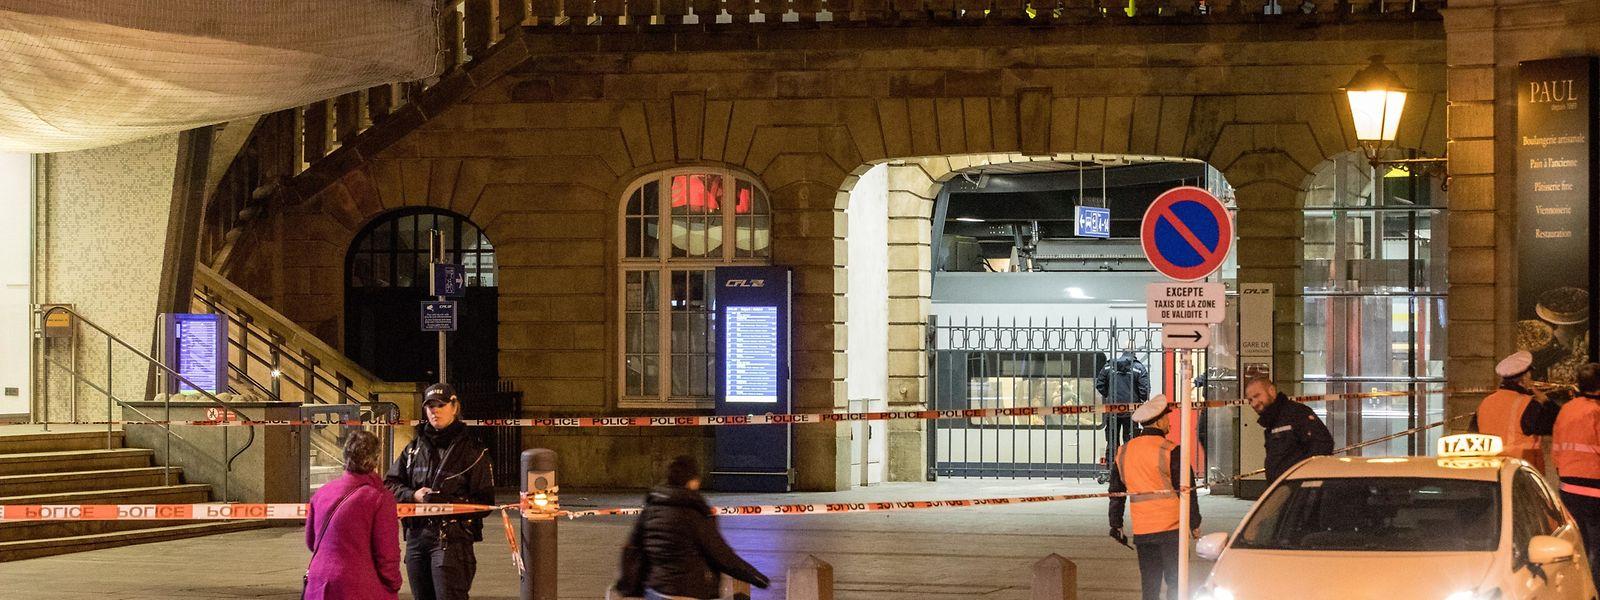 Die Polizei sperrte den Bereich der Treppen zur Passerelle am Bahnhof in Luxemburg-Stadt.